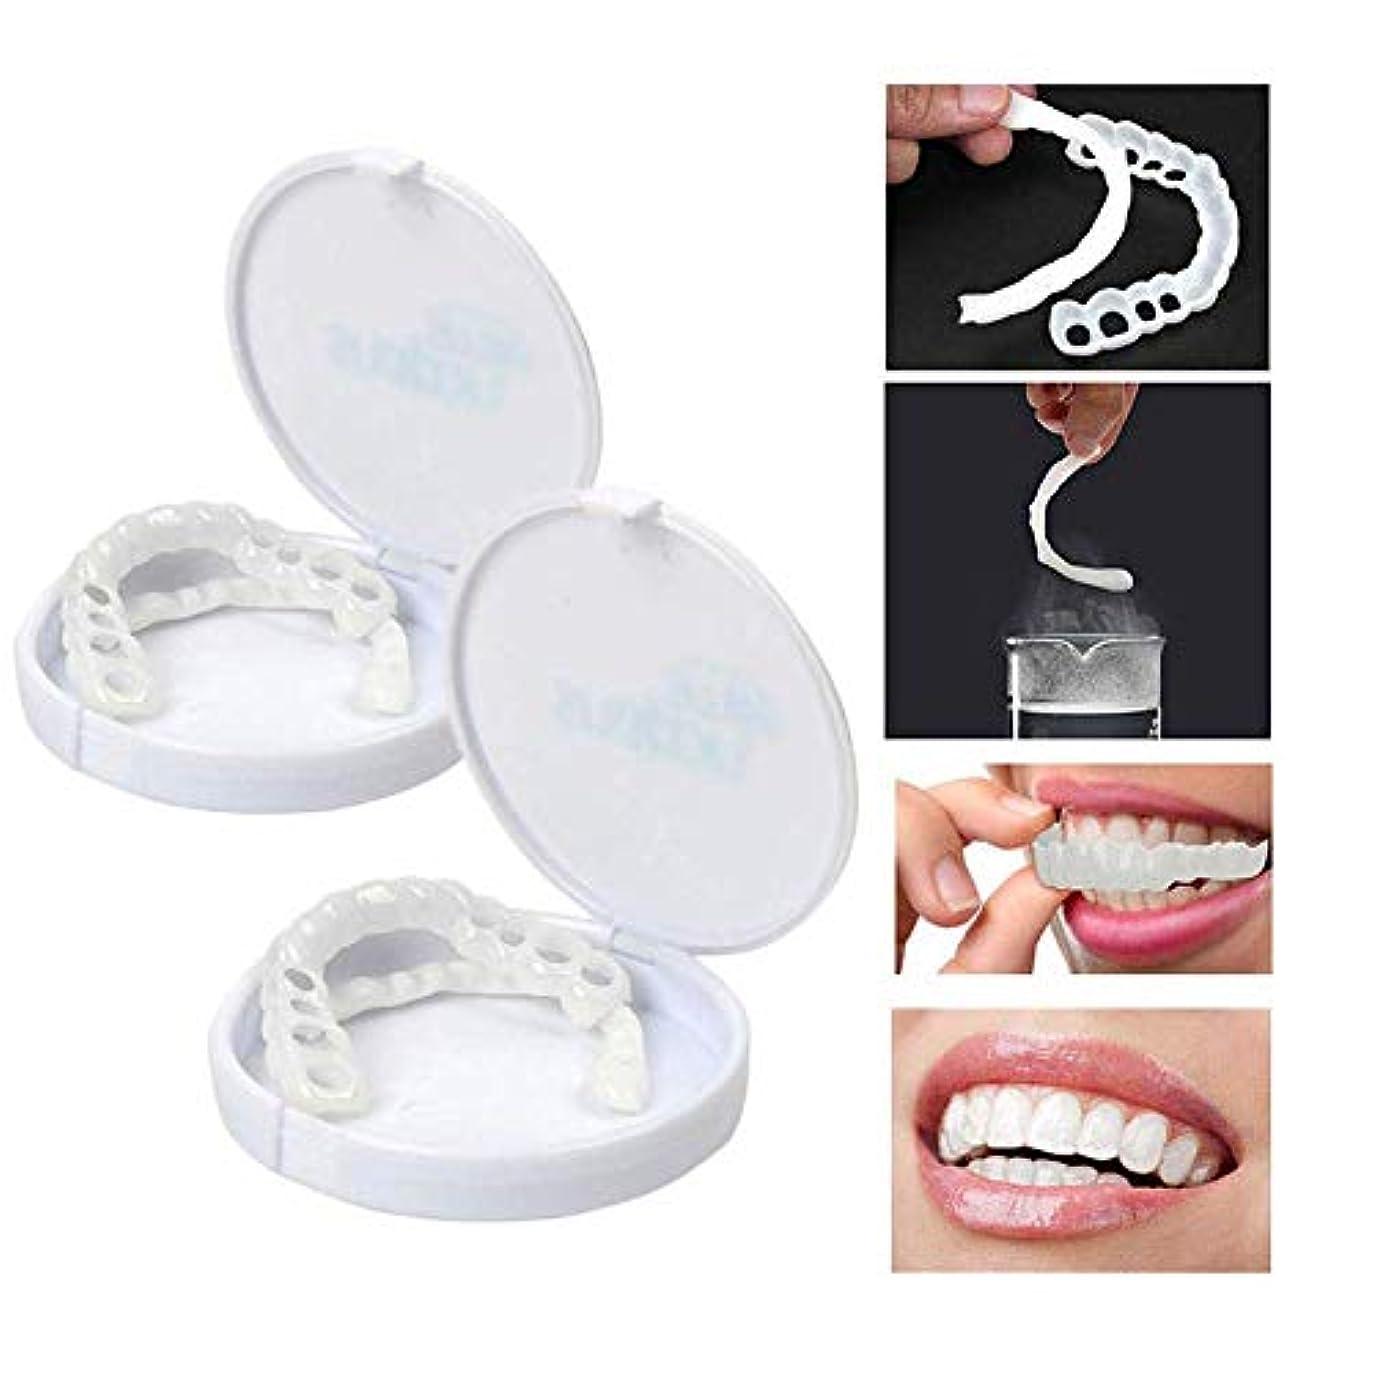 局タオル上2組歯のベニヤブレース、歯のフープ屋根付き歯の下のザティースフープのブレース、ビューティーブレース、歯科用化粧品デンタルベニア